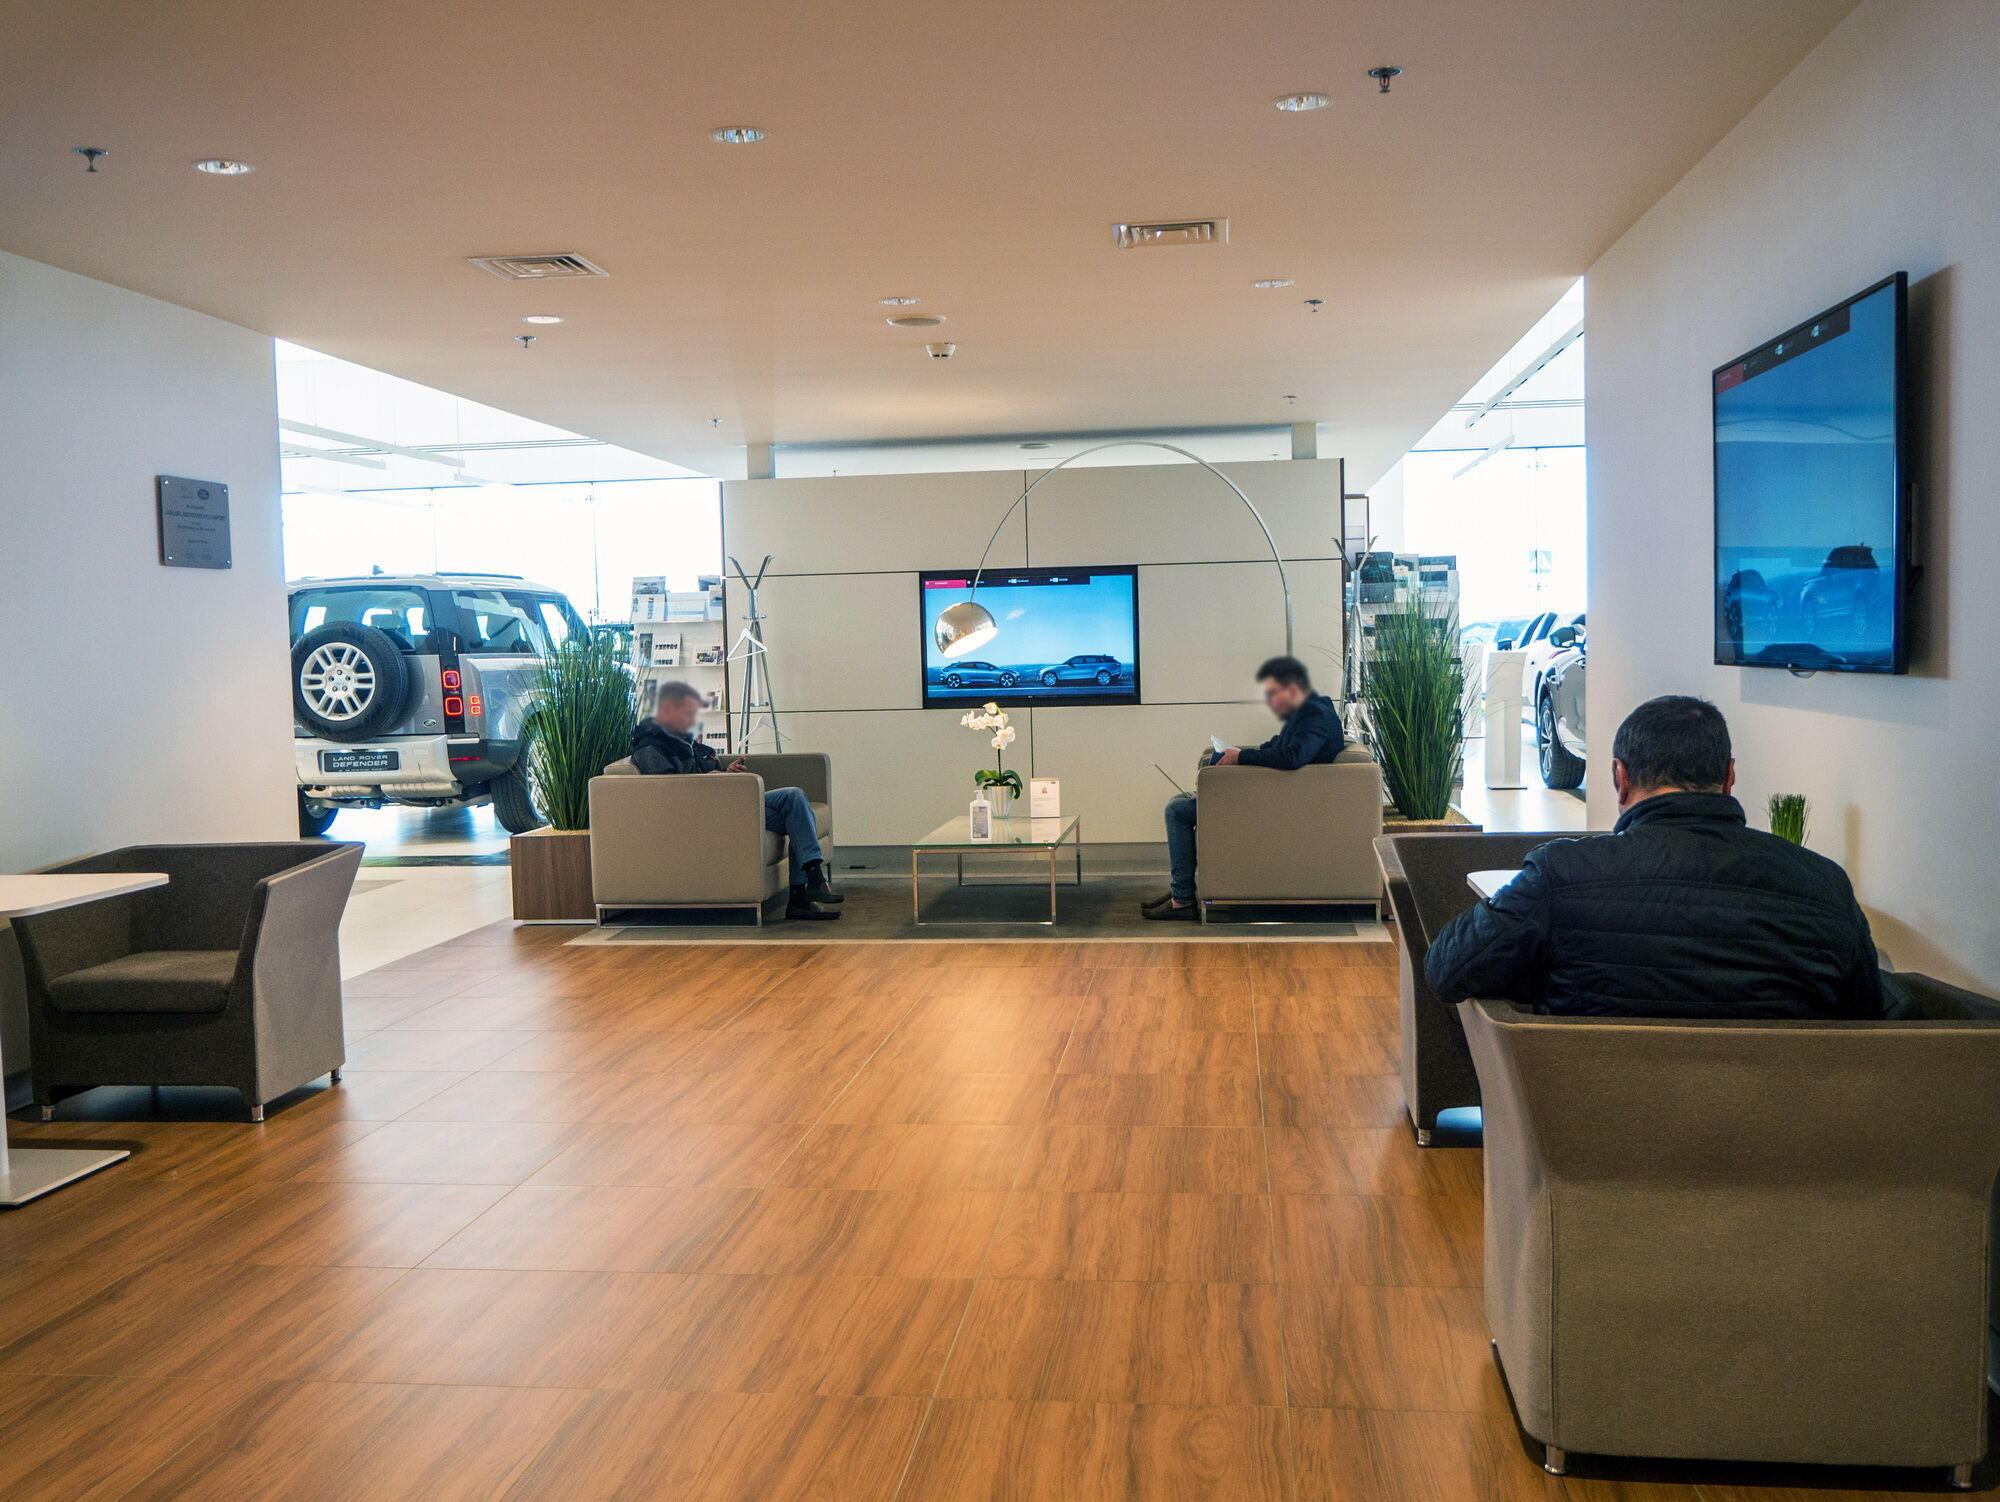 В дилерских центрах обязательно есть зона ожидания с кафе и лаунж-зоной, где можно и отдохнуть, и поработать с ноутбуком